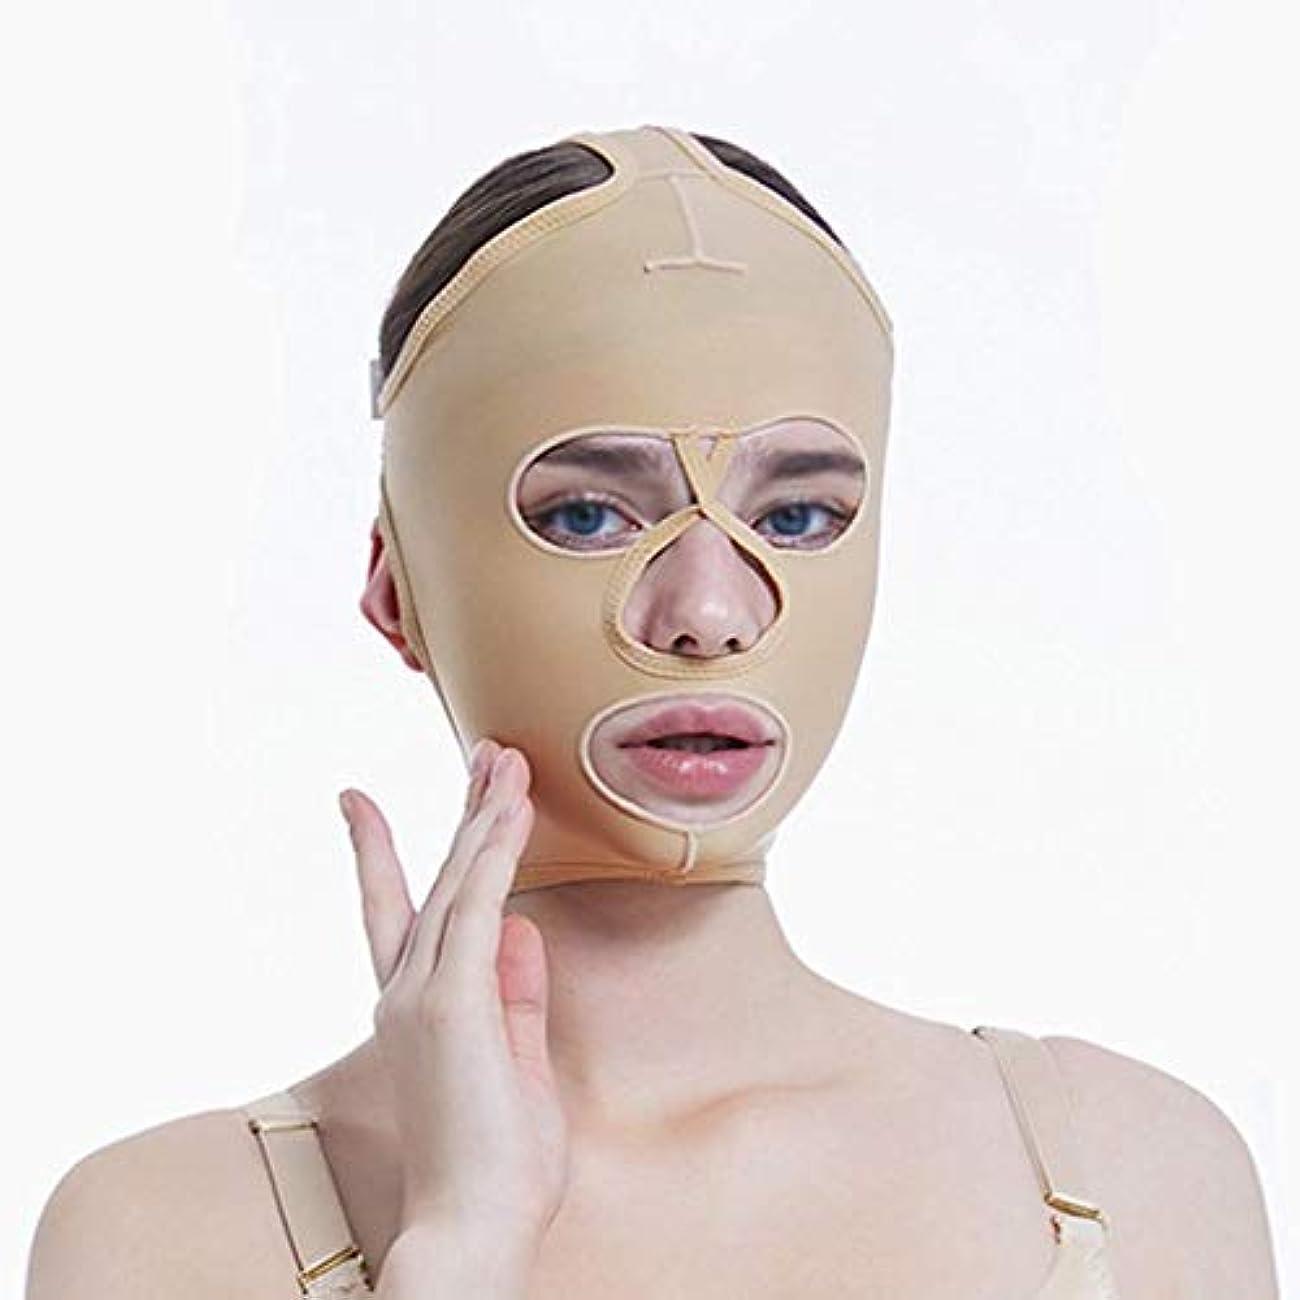 何自体容器チンリフティングベルト、超薄型ベルト、引き締めマスク、包帯吊り、フェイスリフティングマスク、超薄型ベルト、通気性(サイズ:L),XL